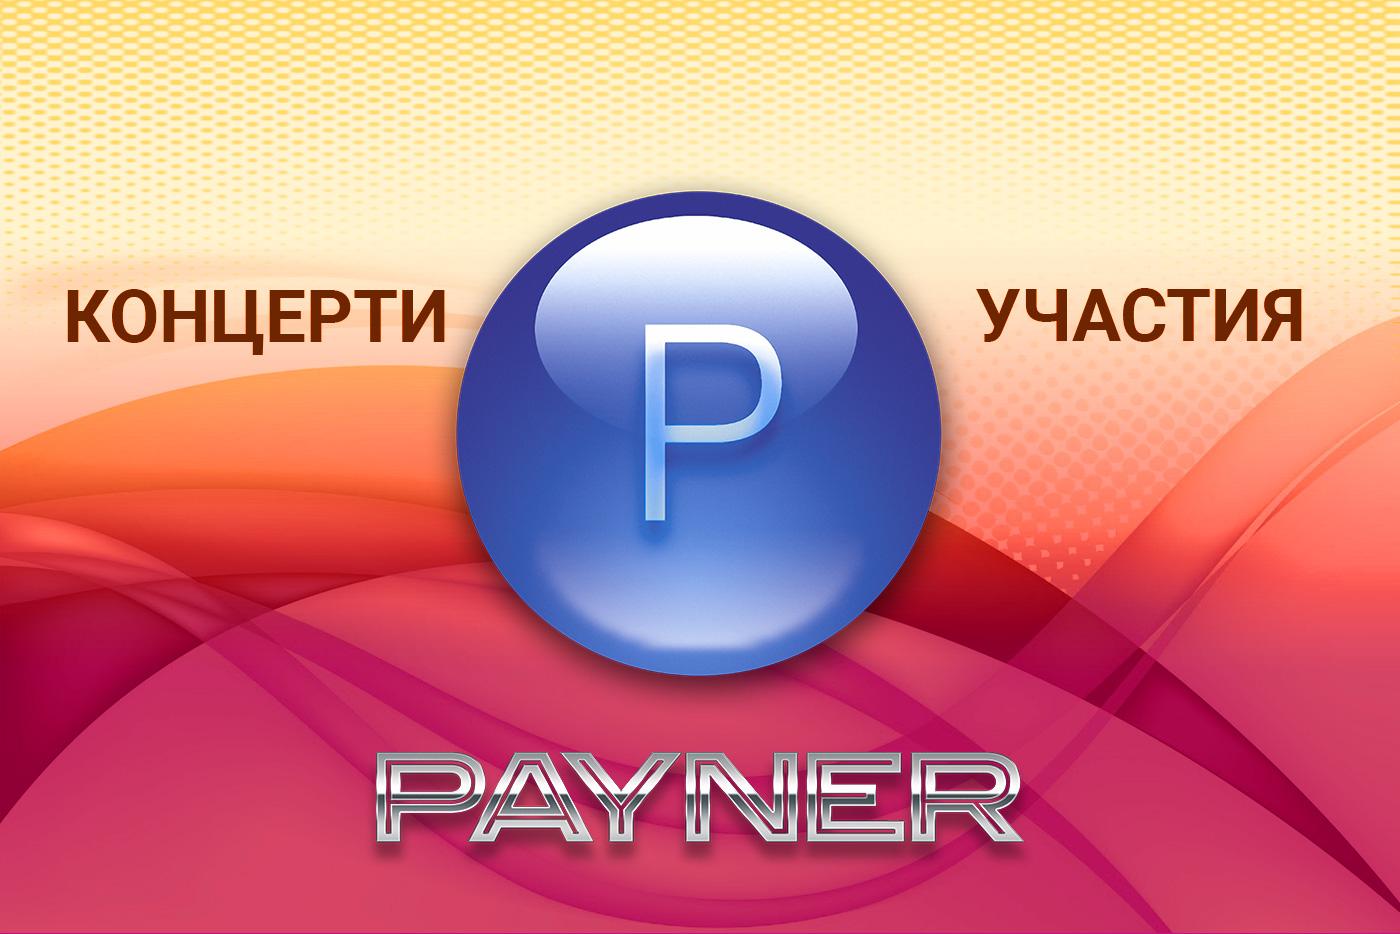 """Участия на звездите на """"Пайнер"""" на 08.06.2019"""